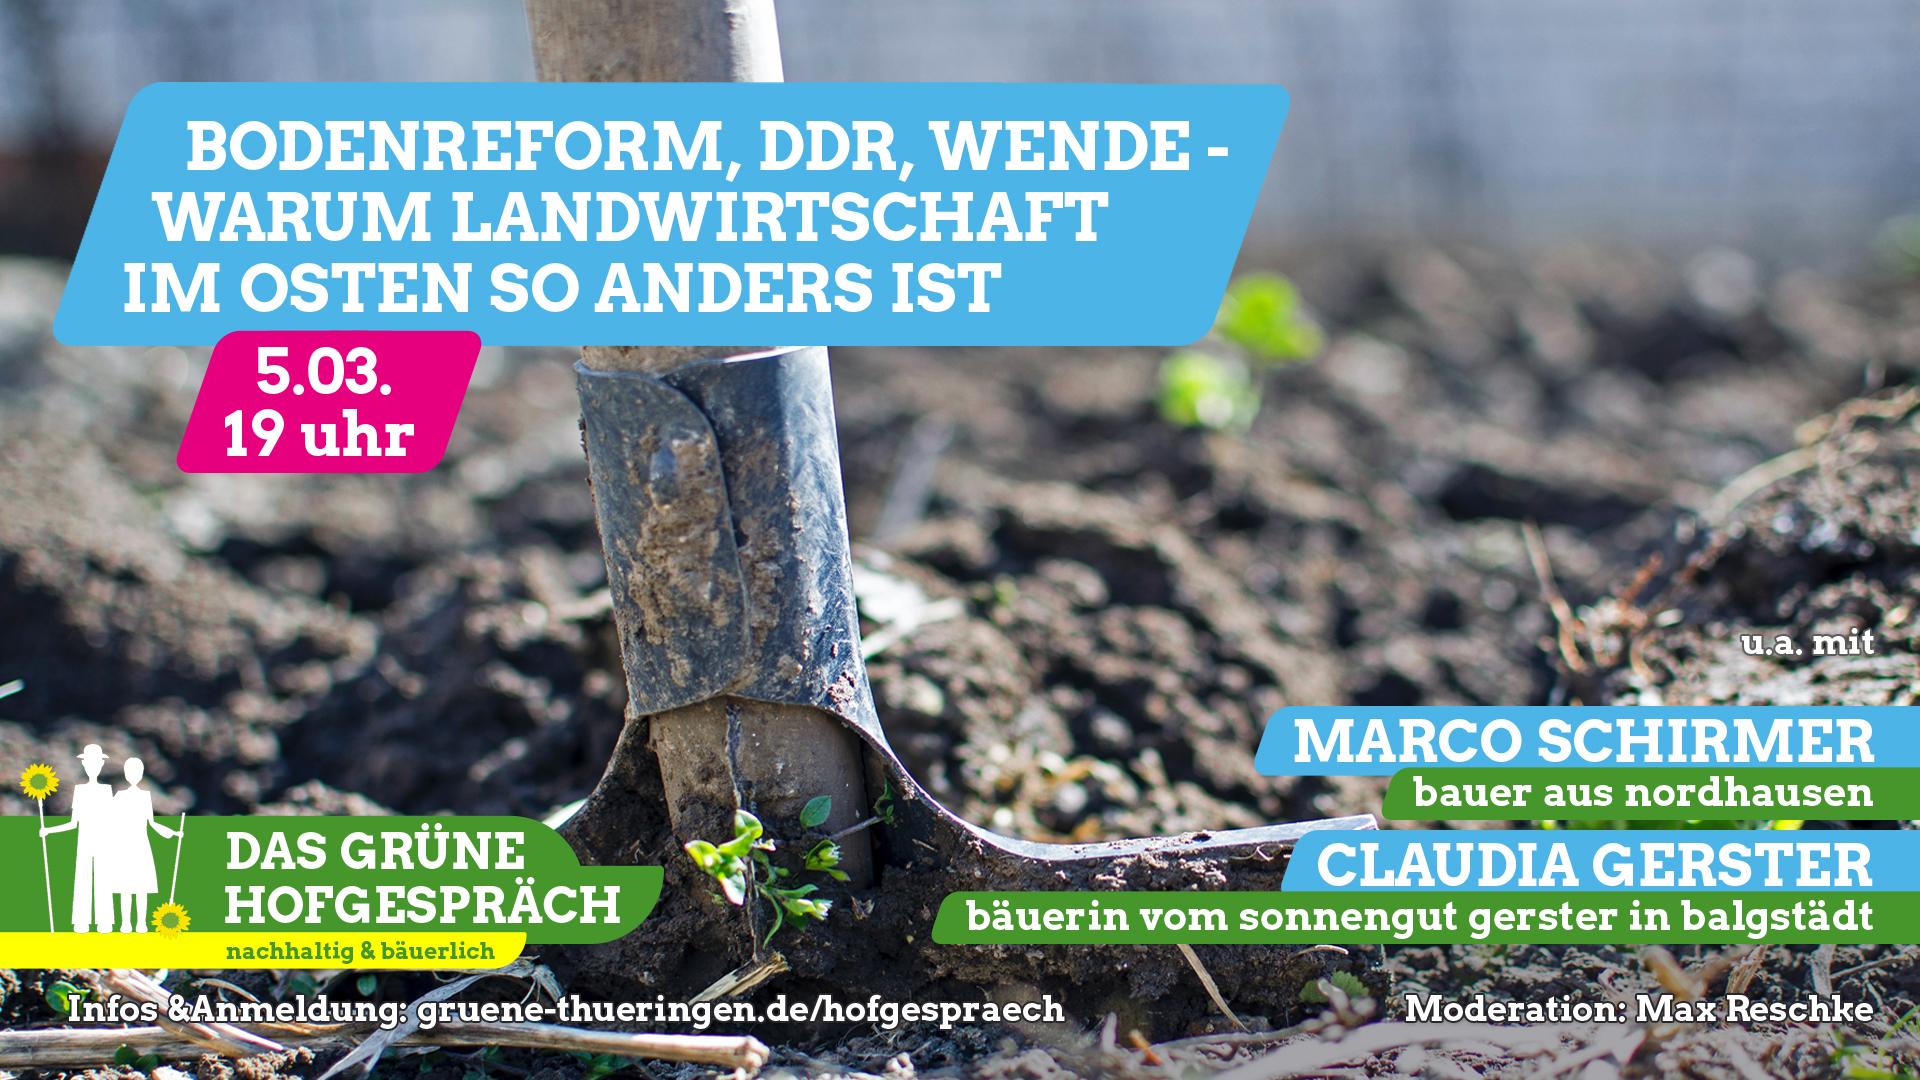 Bodenreform, DDR, Wende: Warum Landwirtschaft im Osten so anders ist.